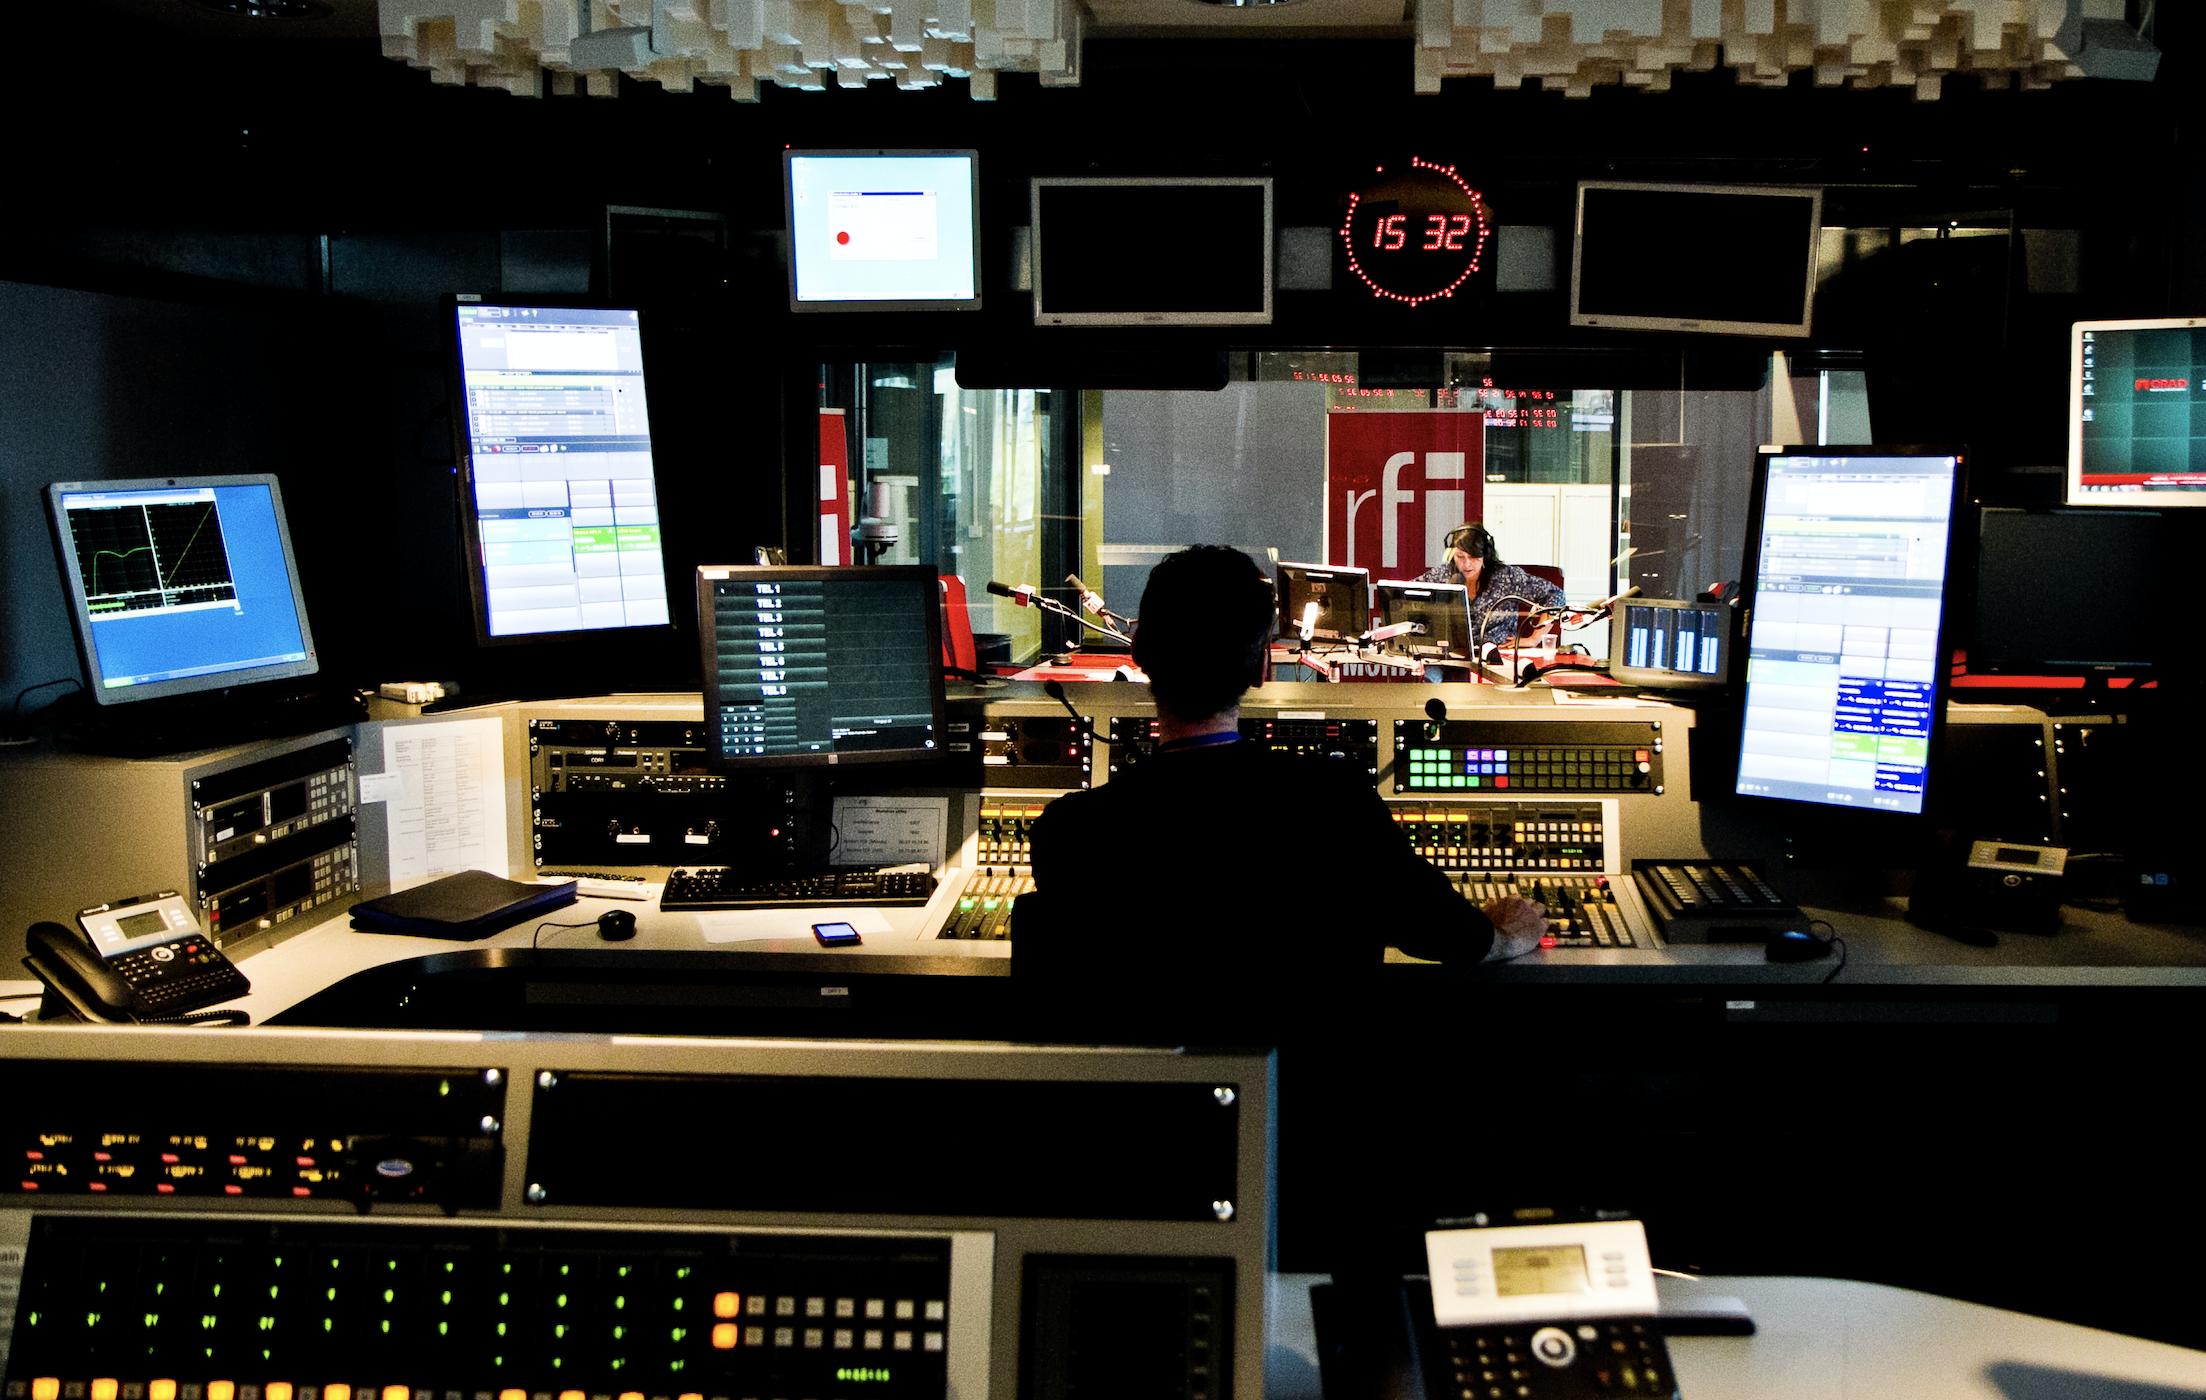 RFI poursuit son développement numérique au Brésil